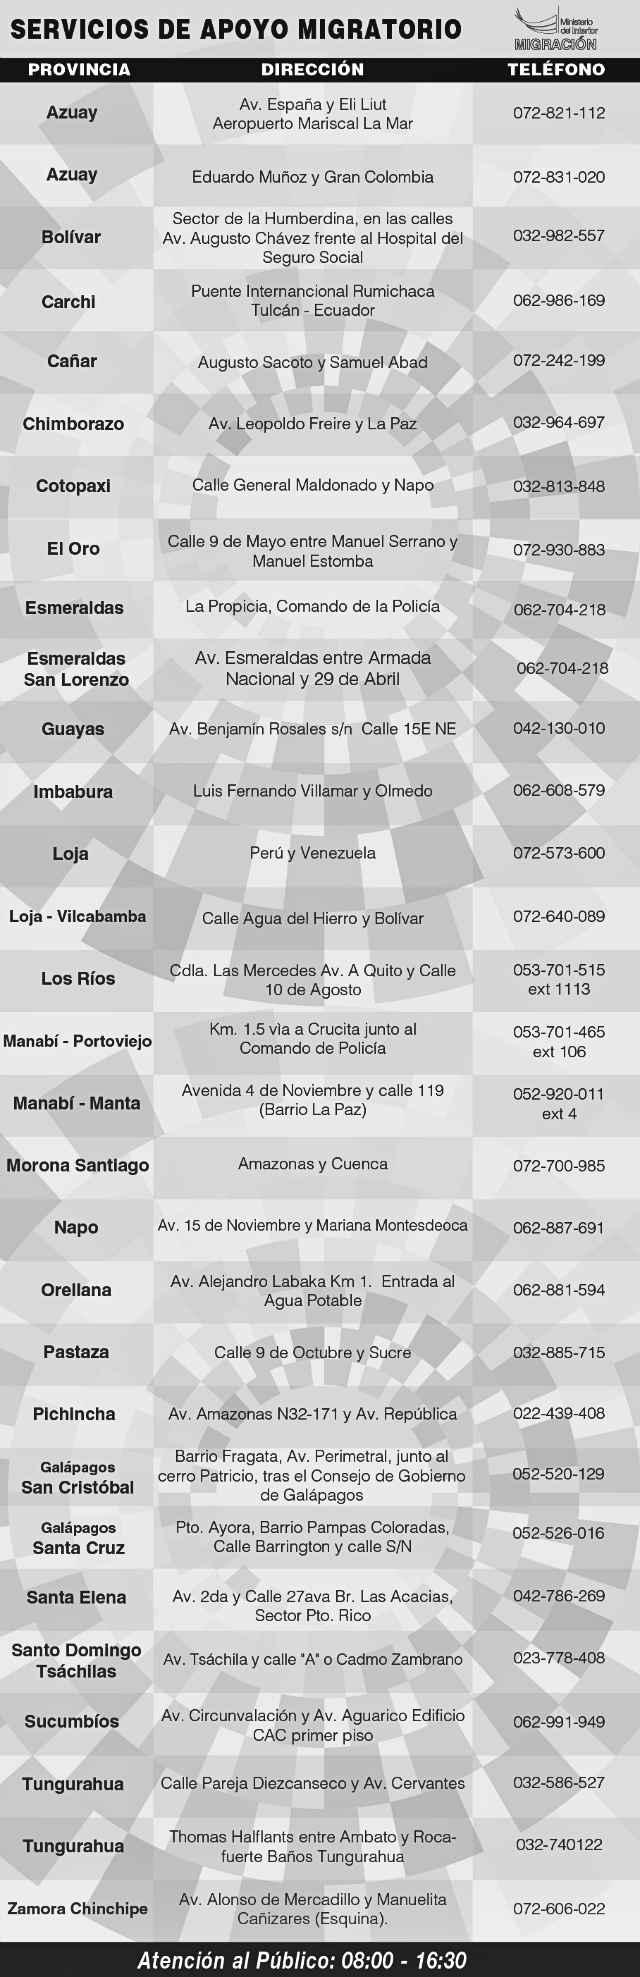 Donde queda el Servicio de Apoyo Migratorio en Ecuador